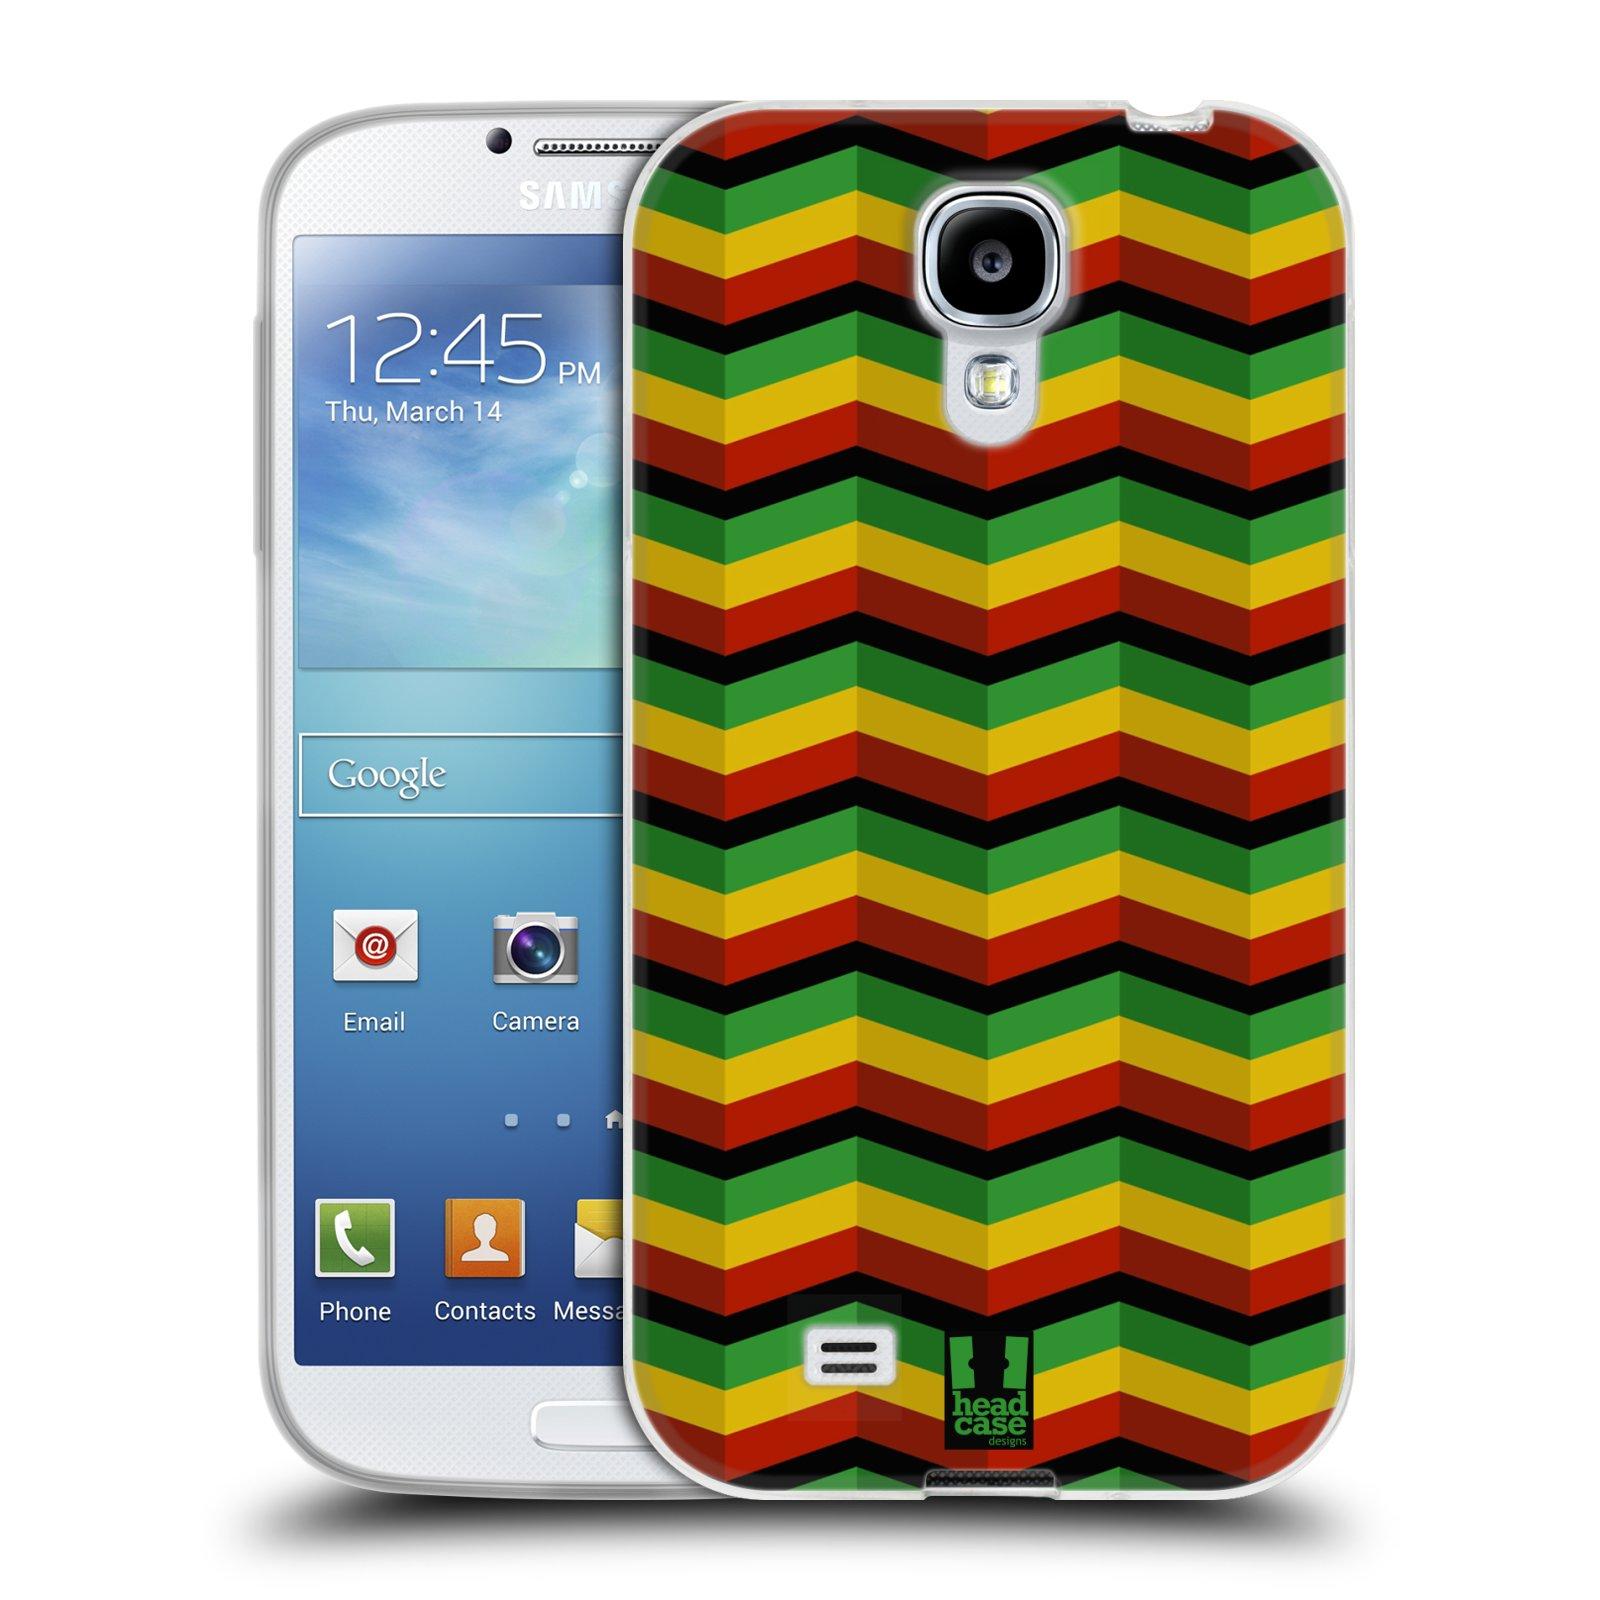 Silikonové pouzdro na mobil Samsung Galaxy S4 HEAD CASE RASTA CHEVRON (Silikonový kryt či obal na mobilní telefon Samsung Galaxy S4 GT-i9505 / i9500)